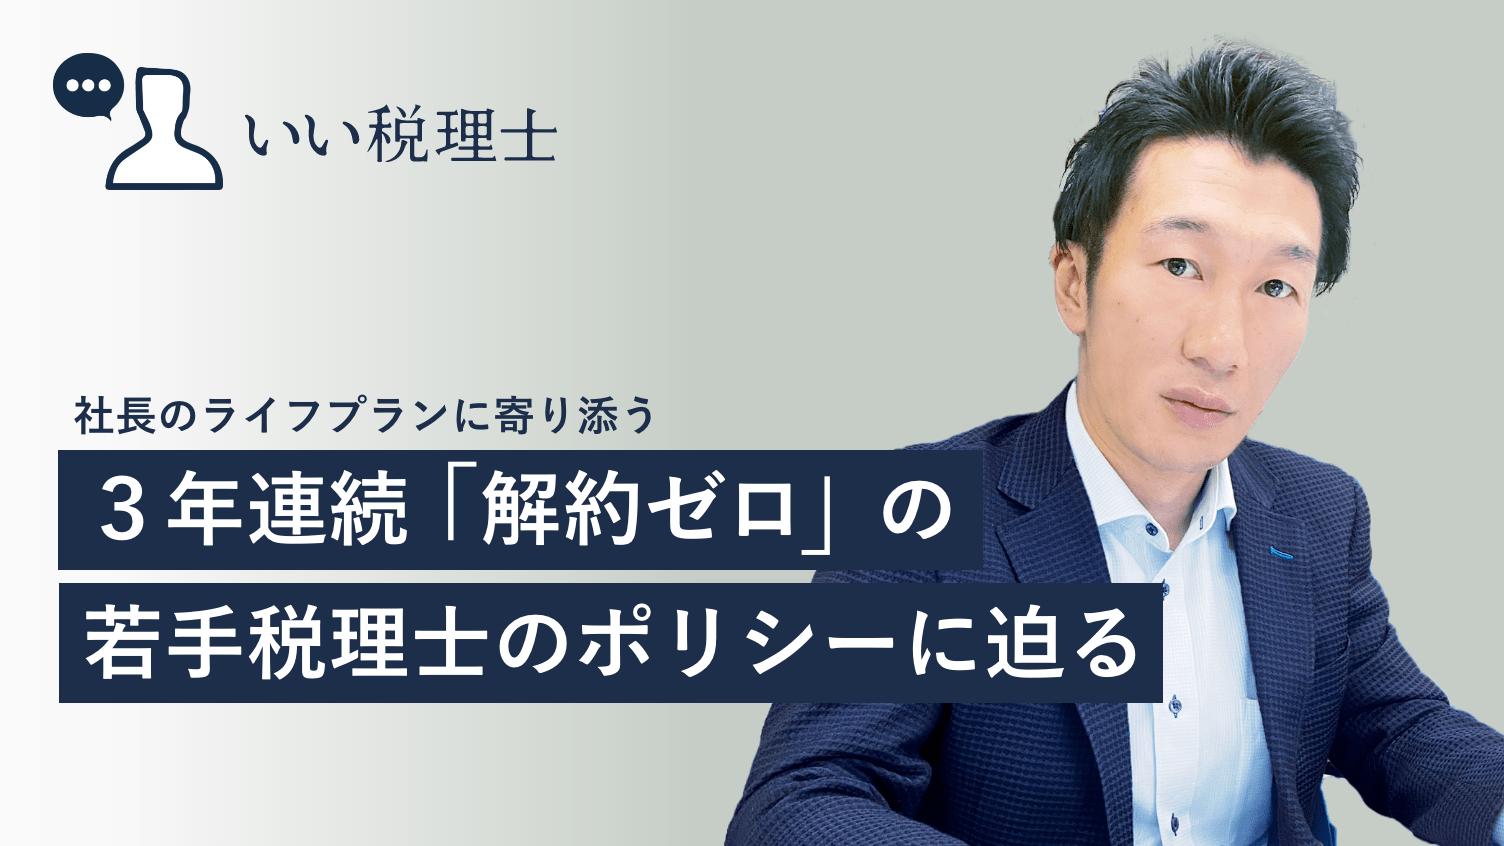 森本さん記事アイキャッチ